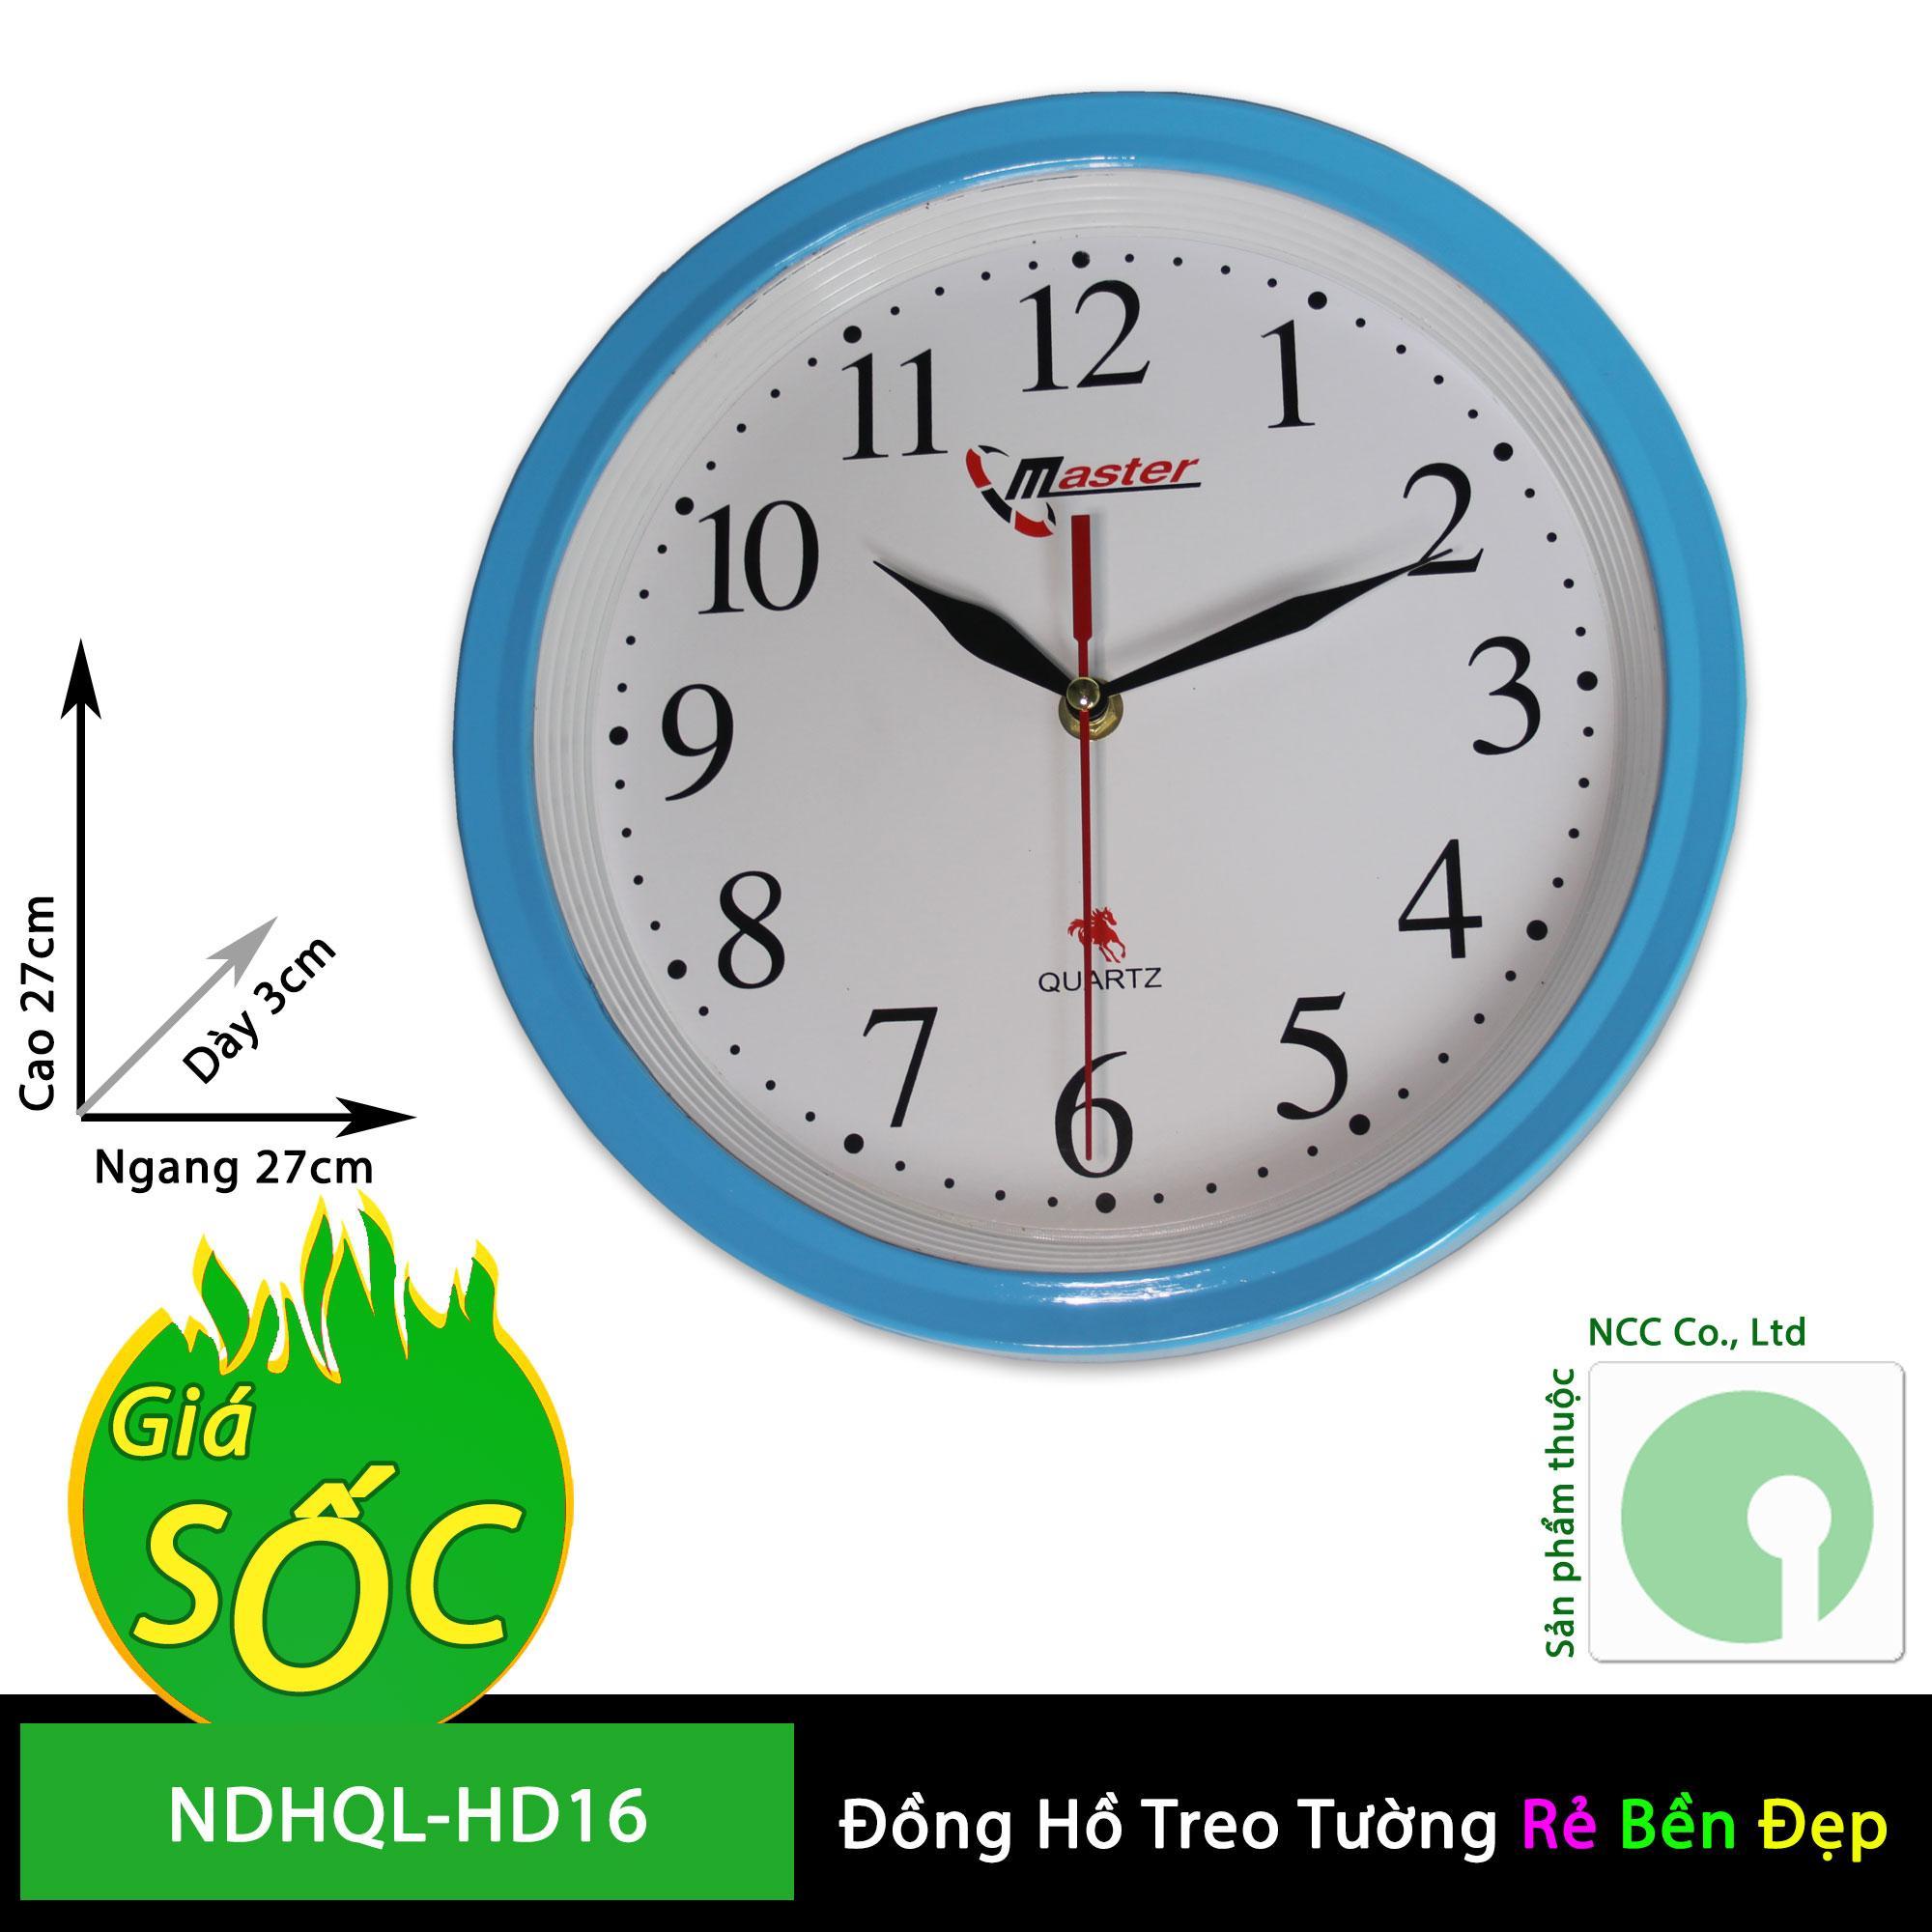 Nơi bán Đồng hồ treo tường - mặt tròn nền trắng - NDHQL-HD16 (Khung nền trắng)